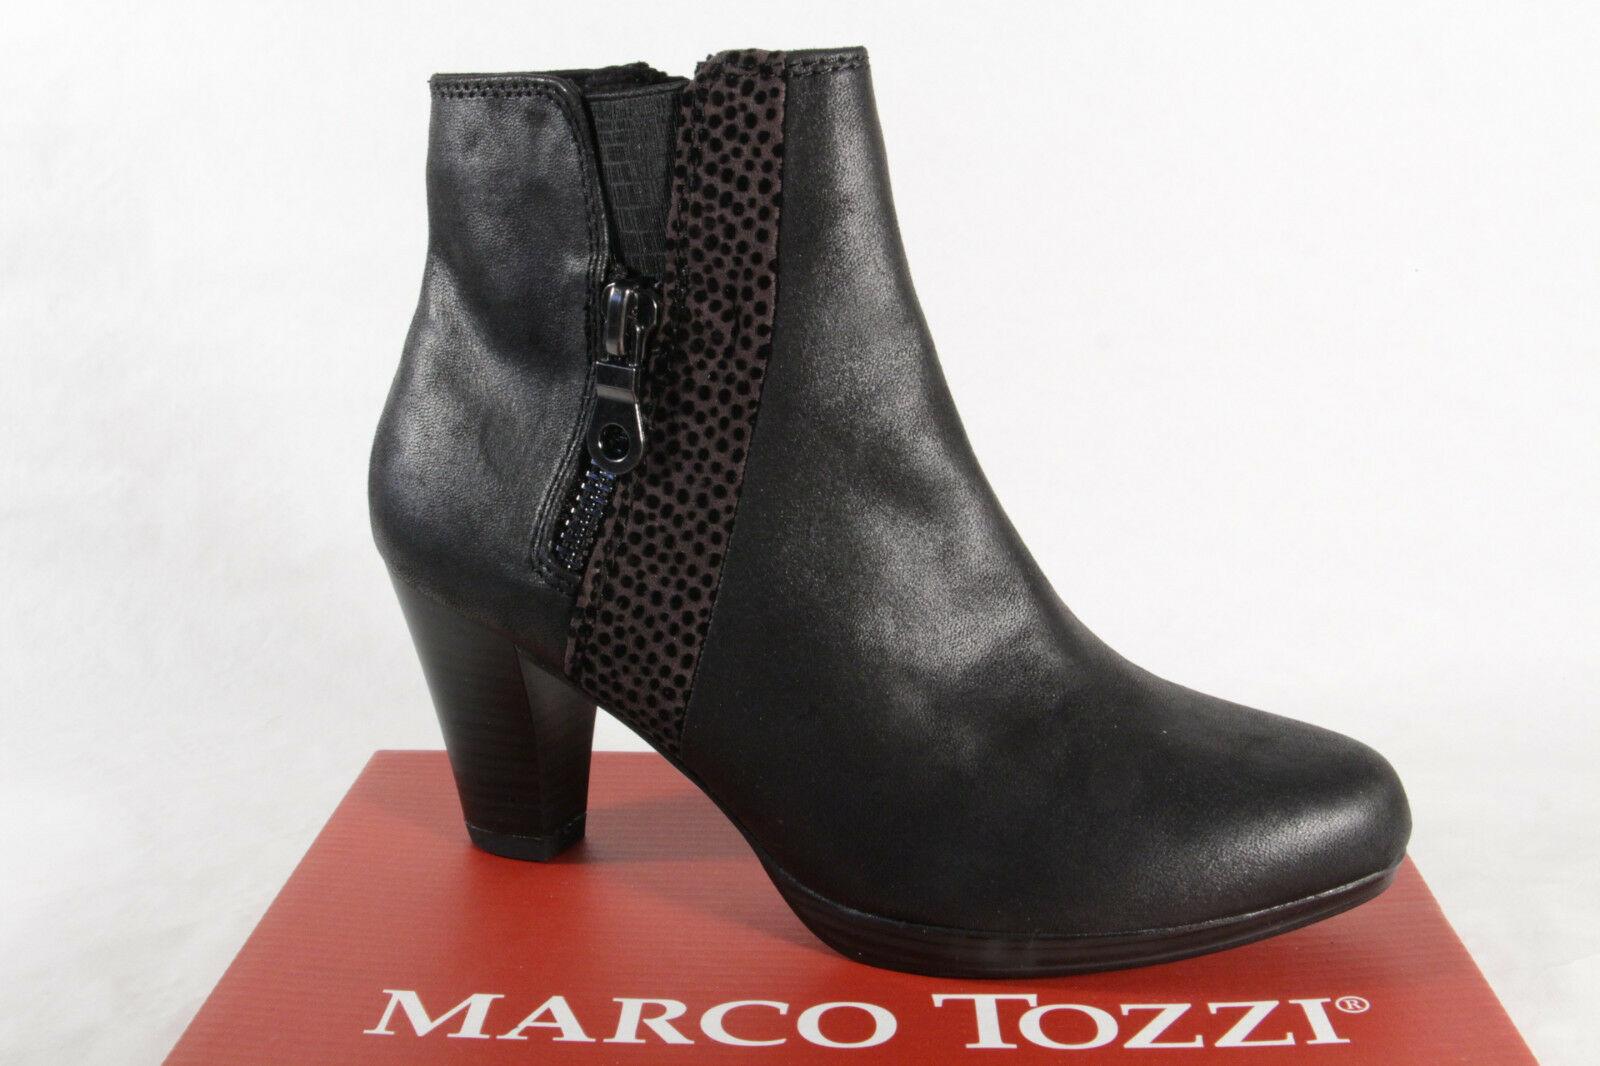 Marco Tozzi 25338 Damen Stiefel Stiefelette Boots schwarz NEU!